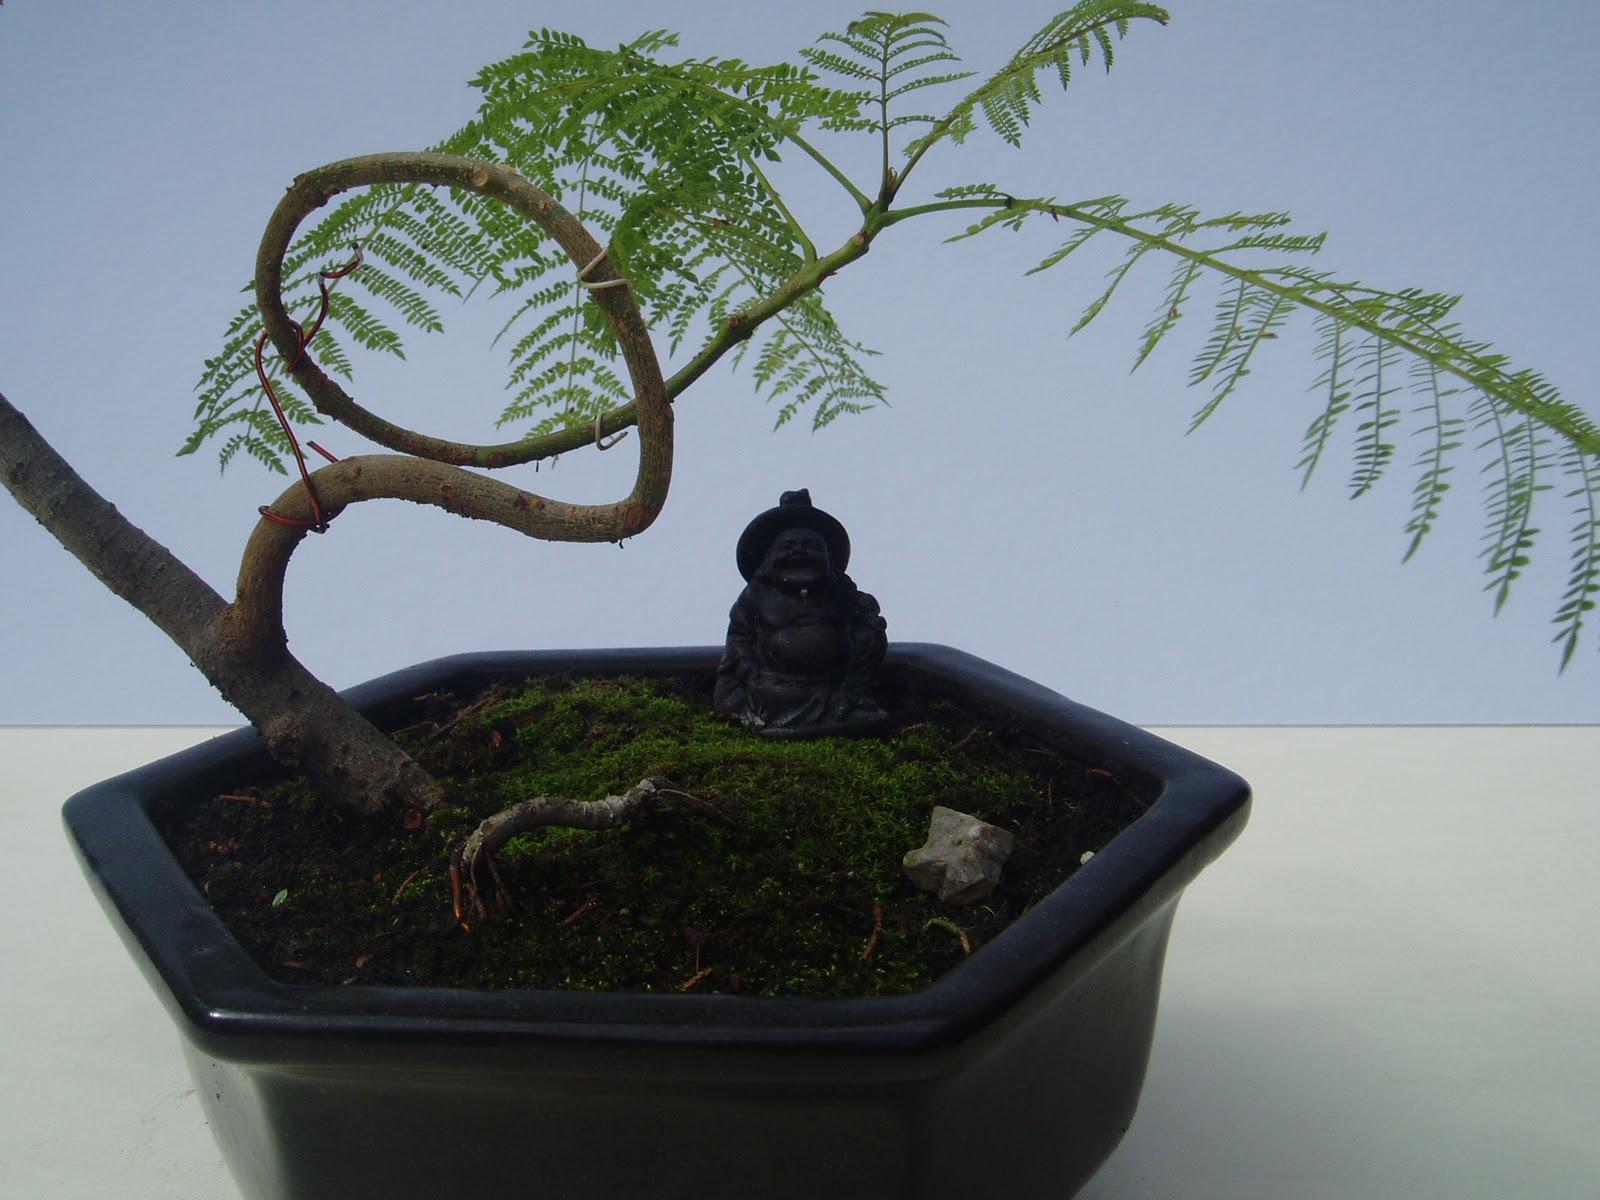 Forma adecuada para bonsai 20110706_41